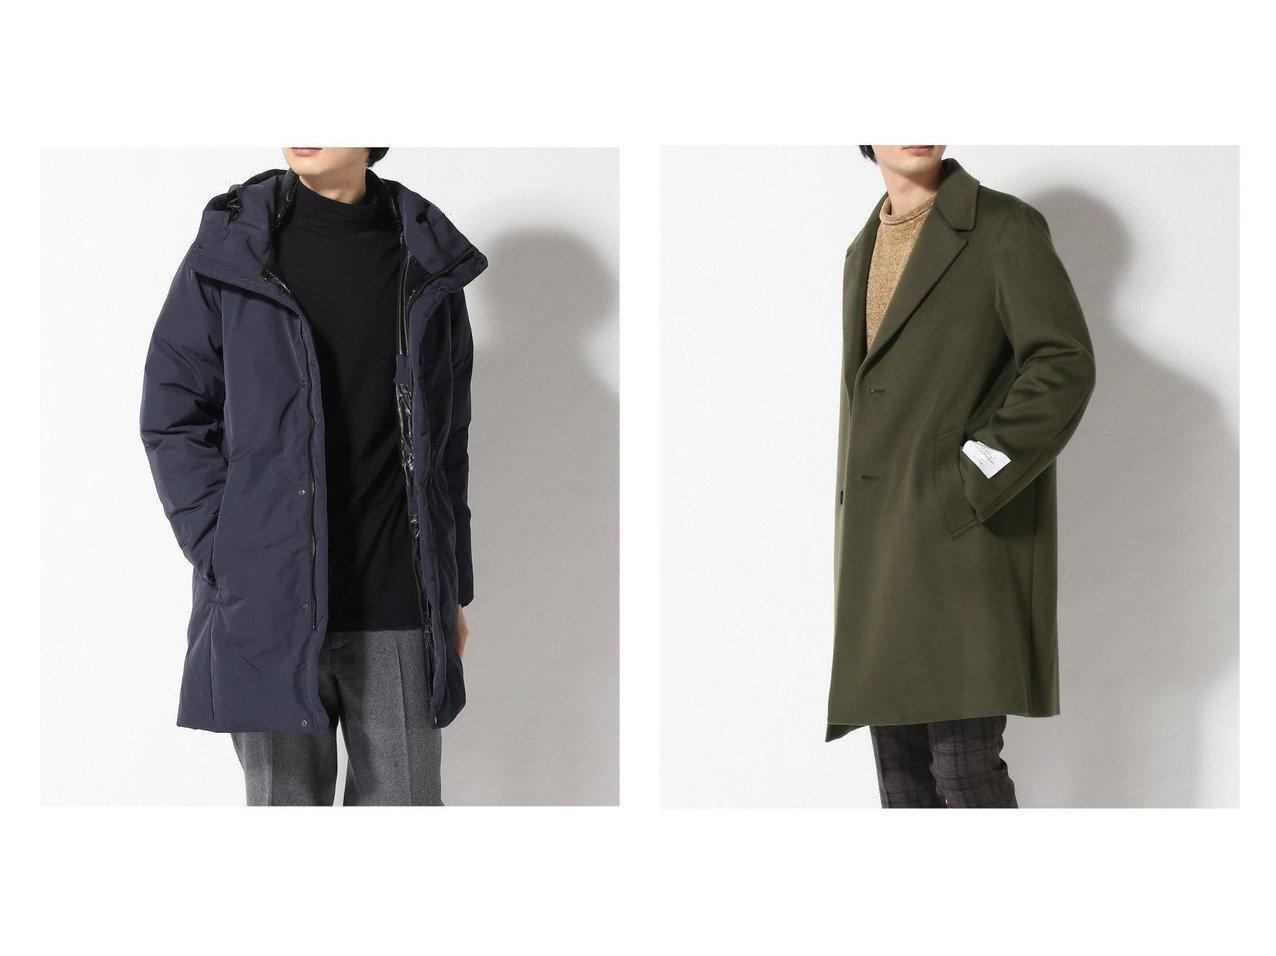 【EDIFICE / MEN/エディフィス】の140s BLD MOSSA ULSTER&Synex*FX DOWN COAT 【MEN】男性のおすすめ!人気トレンド・メンズファッションの通販 おすすめで人気のファッション通販商品 インテリア・家具・キッズファッション・メンズファッション・レディースファッション・服の通販 founy(ファニー) https://founy.com/ ファッション Fashion メンズ MEN アウター Coats Outerwear Men ダウン Down Coats And Jackets キルティング クッション コンパクト ジャケット スタイリッシュ ダウン ハイネック 防寒 クラシカル チェスターコート |ID:crp329100000006678